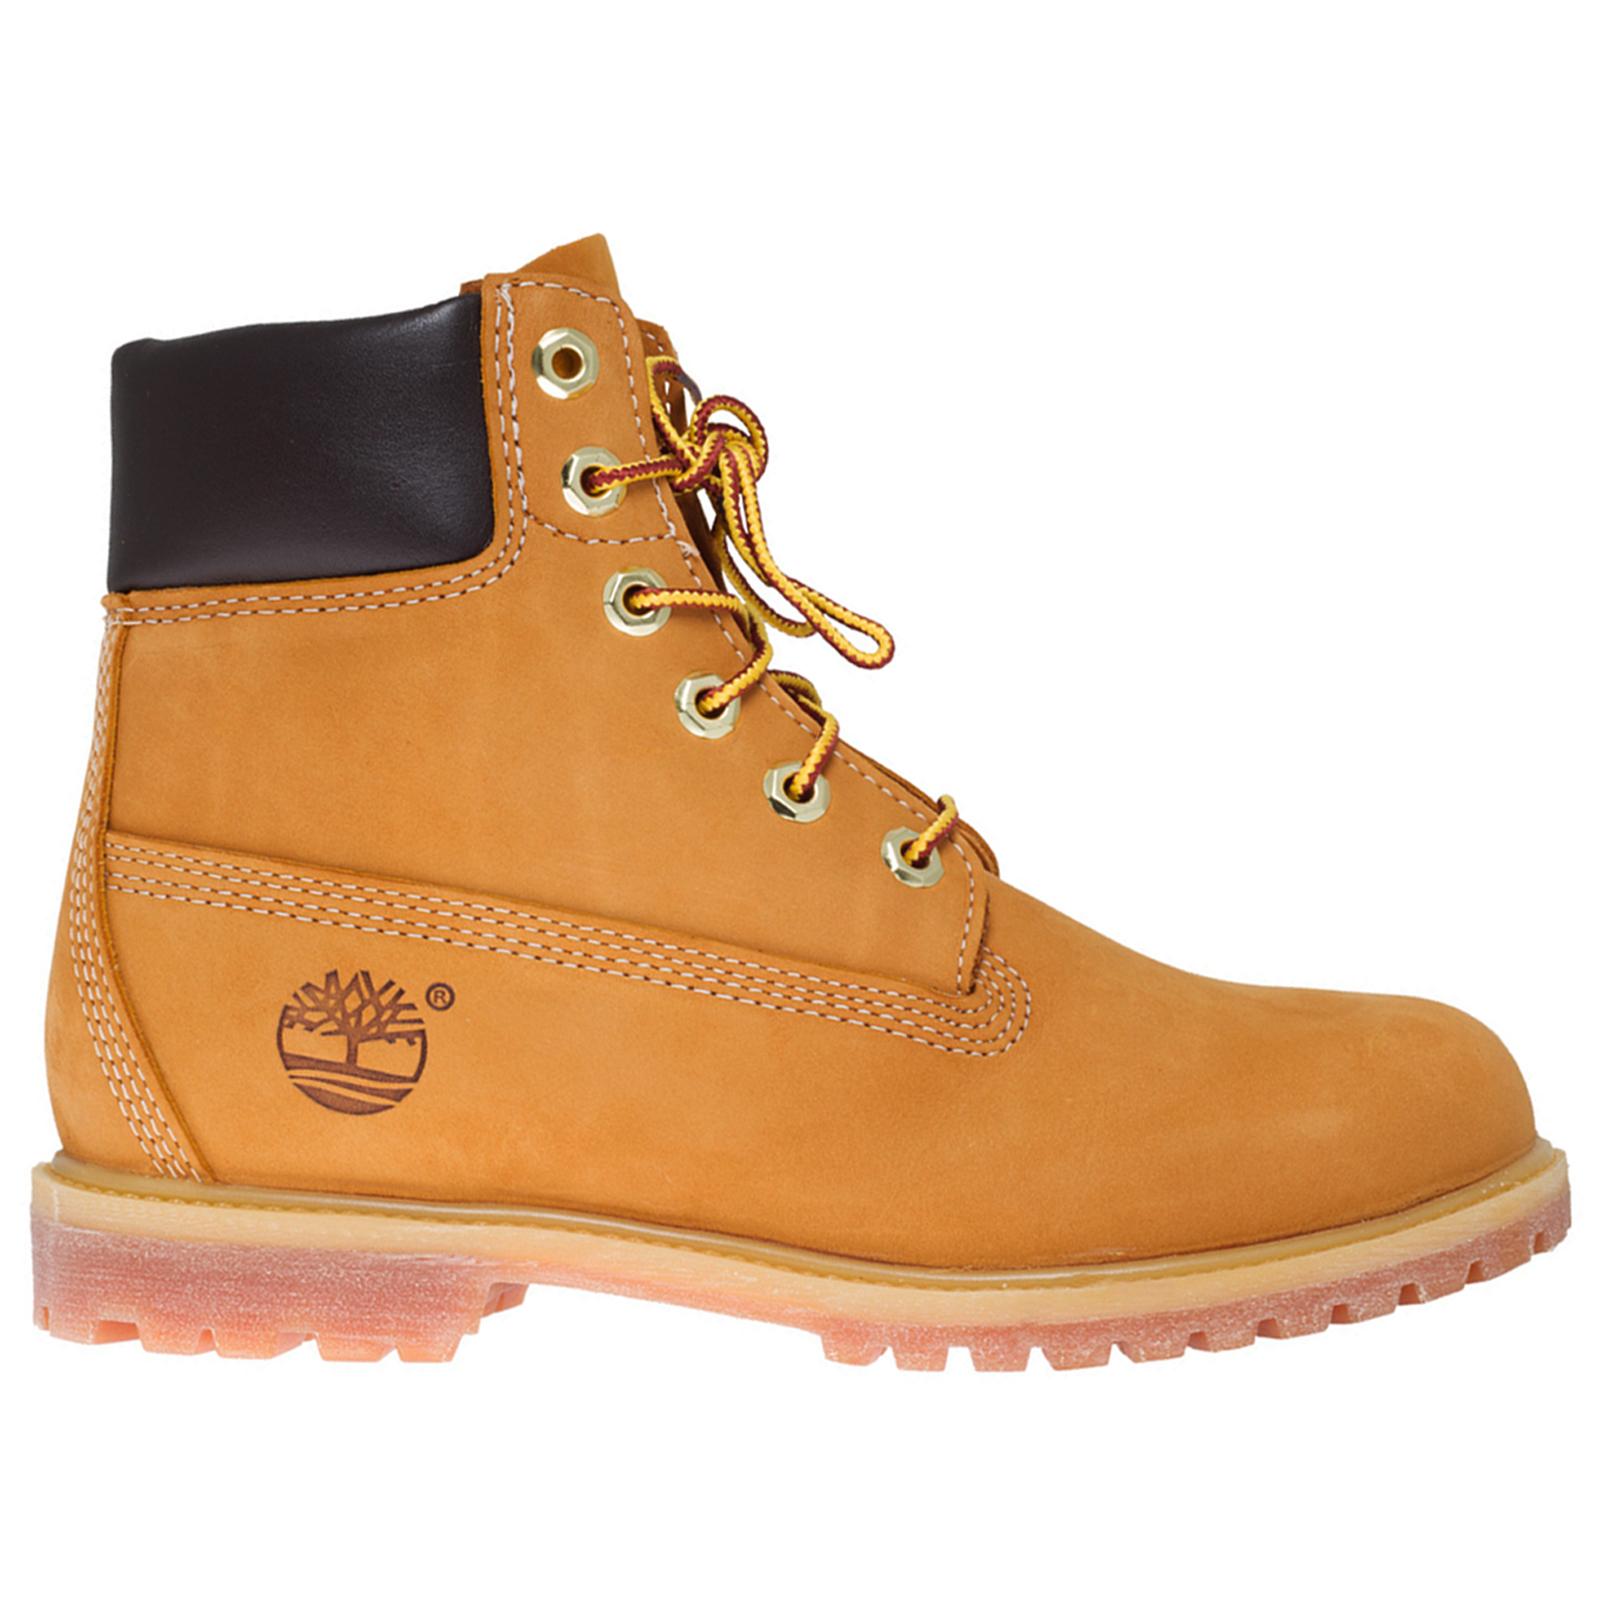 Timberland 6 Premium Wheat Womens Boots | eBay